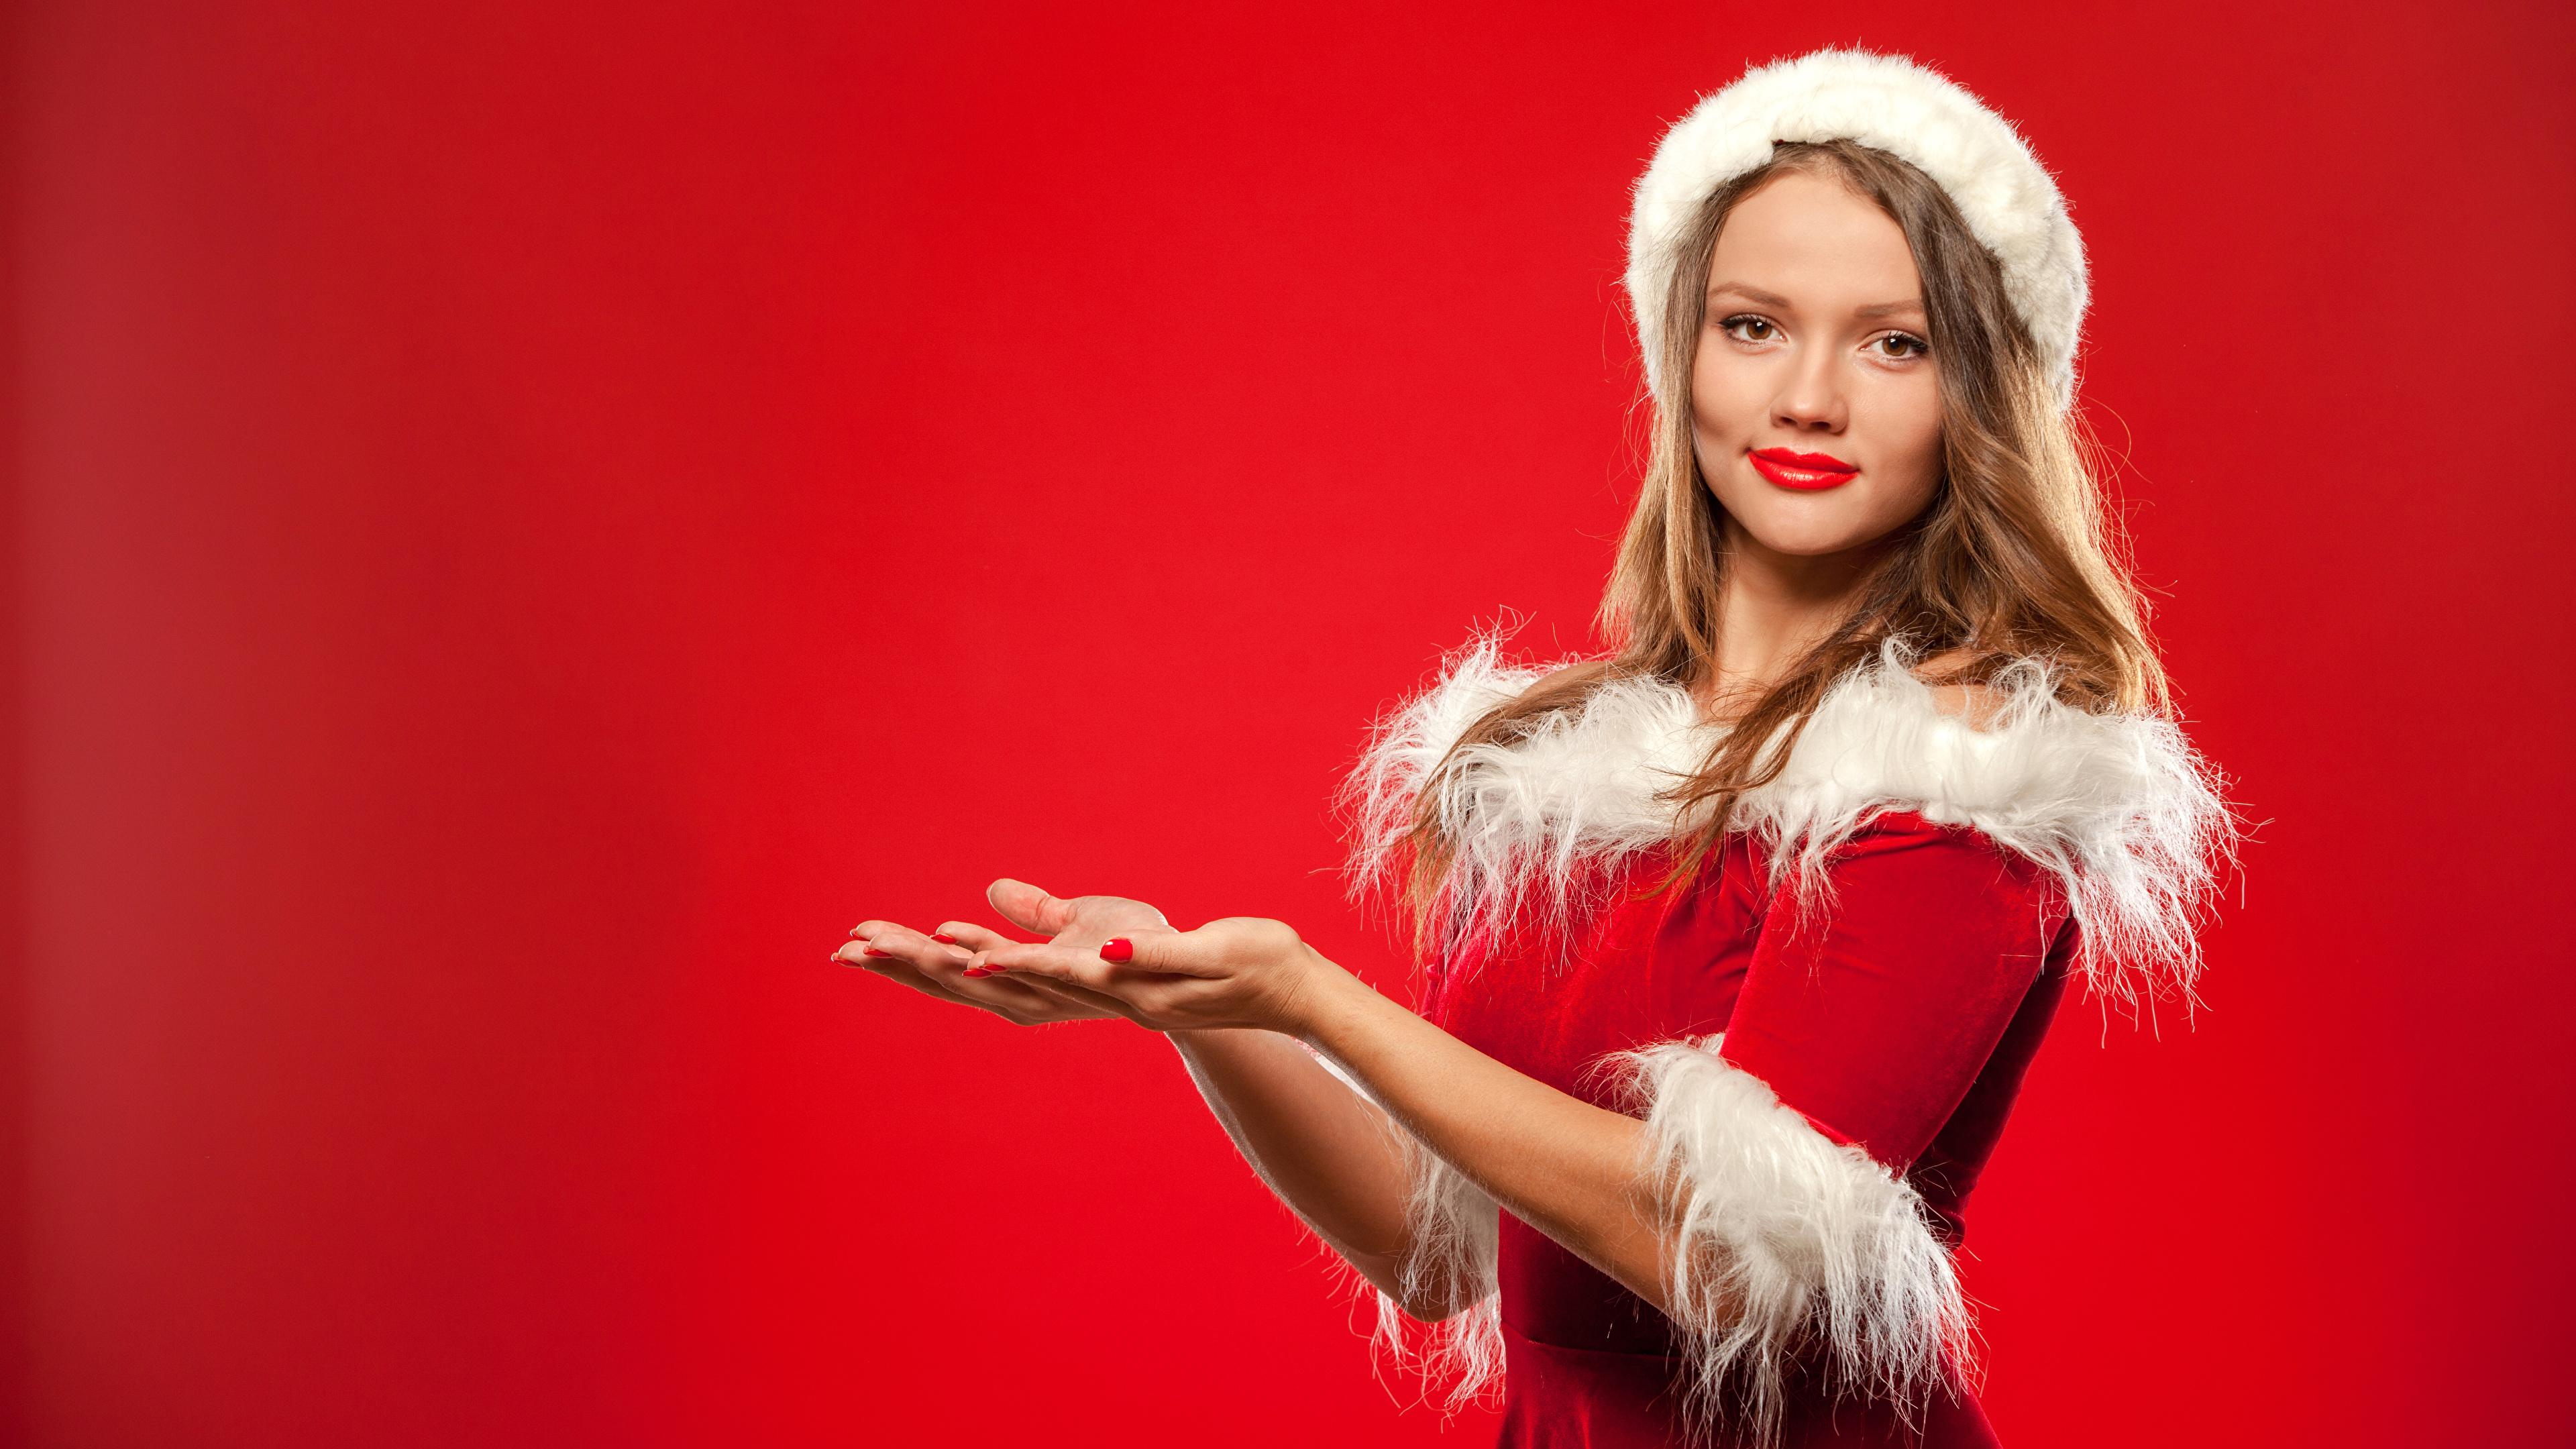 Bilder Neujahr Braune Haare Mädchens Hand Uniform Blick Roter Hintergrund 3840x2160 Braunhaarige Starren